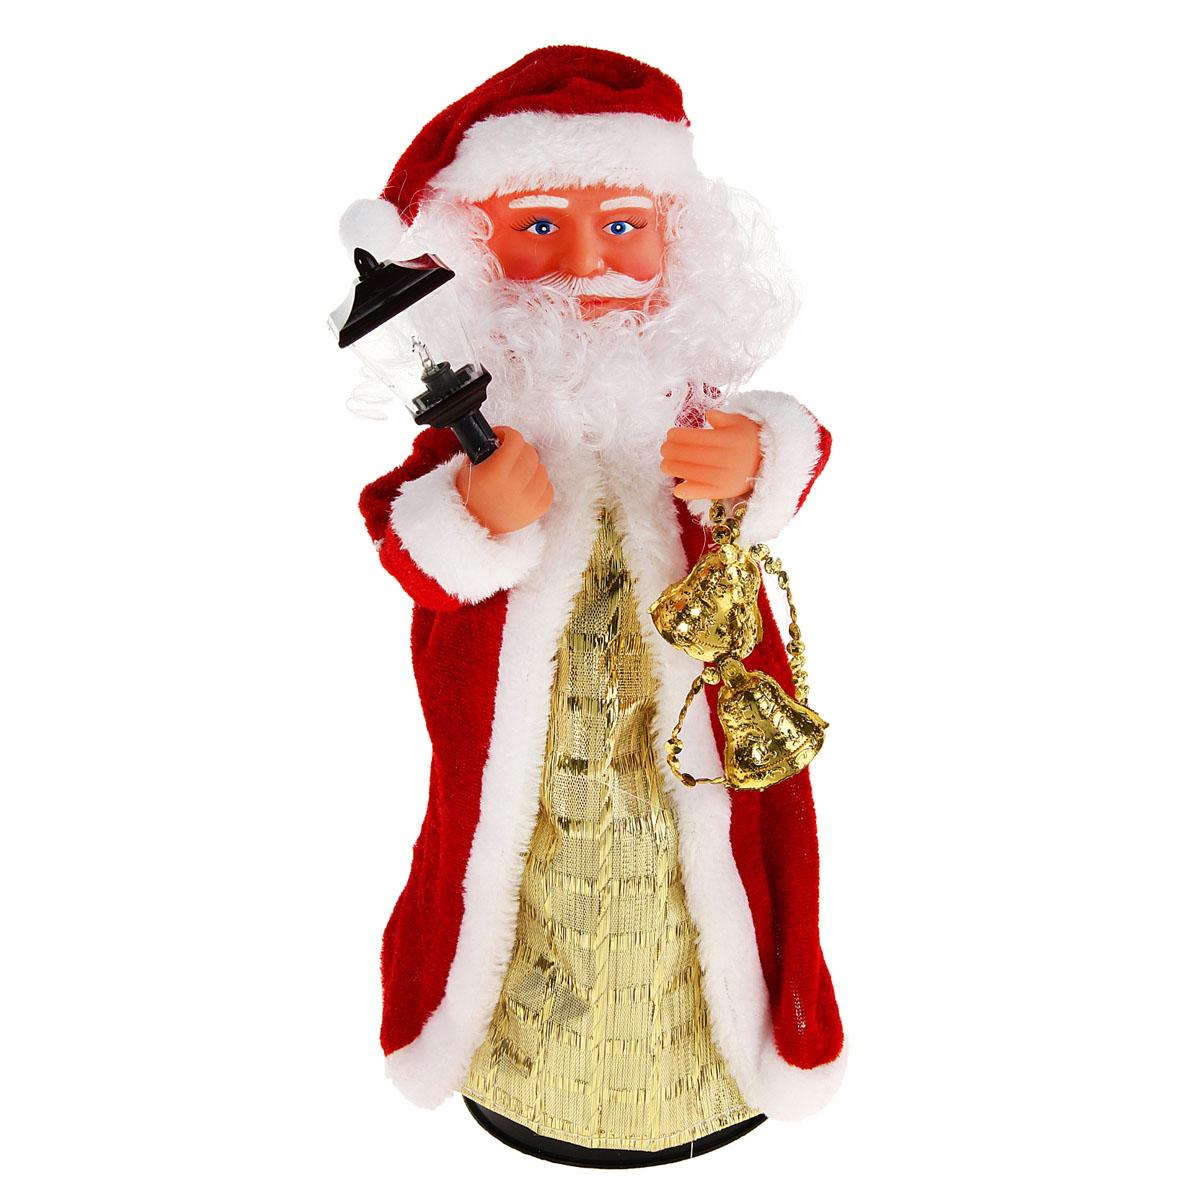 Новогодняя декоративная фигурка Sima-land Дед Мороз, анимированная, высота 28 см. 827831 фигурка декоративная sima land мишка высота 18 см